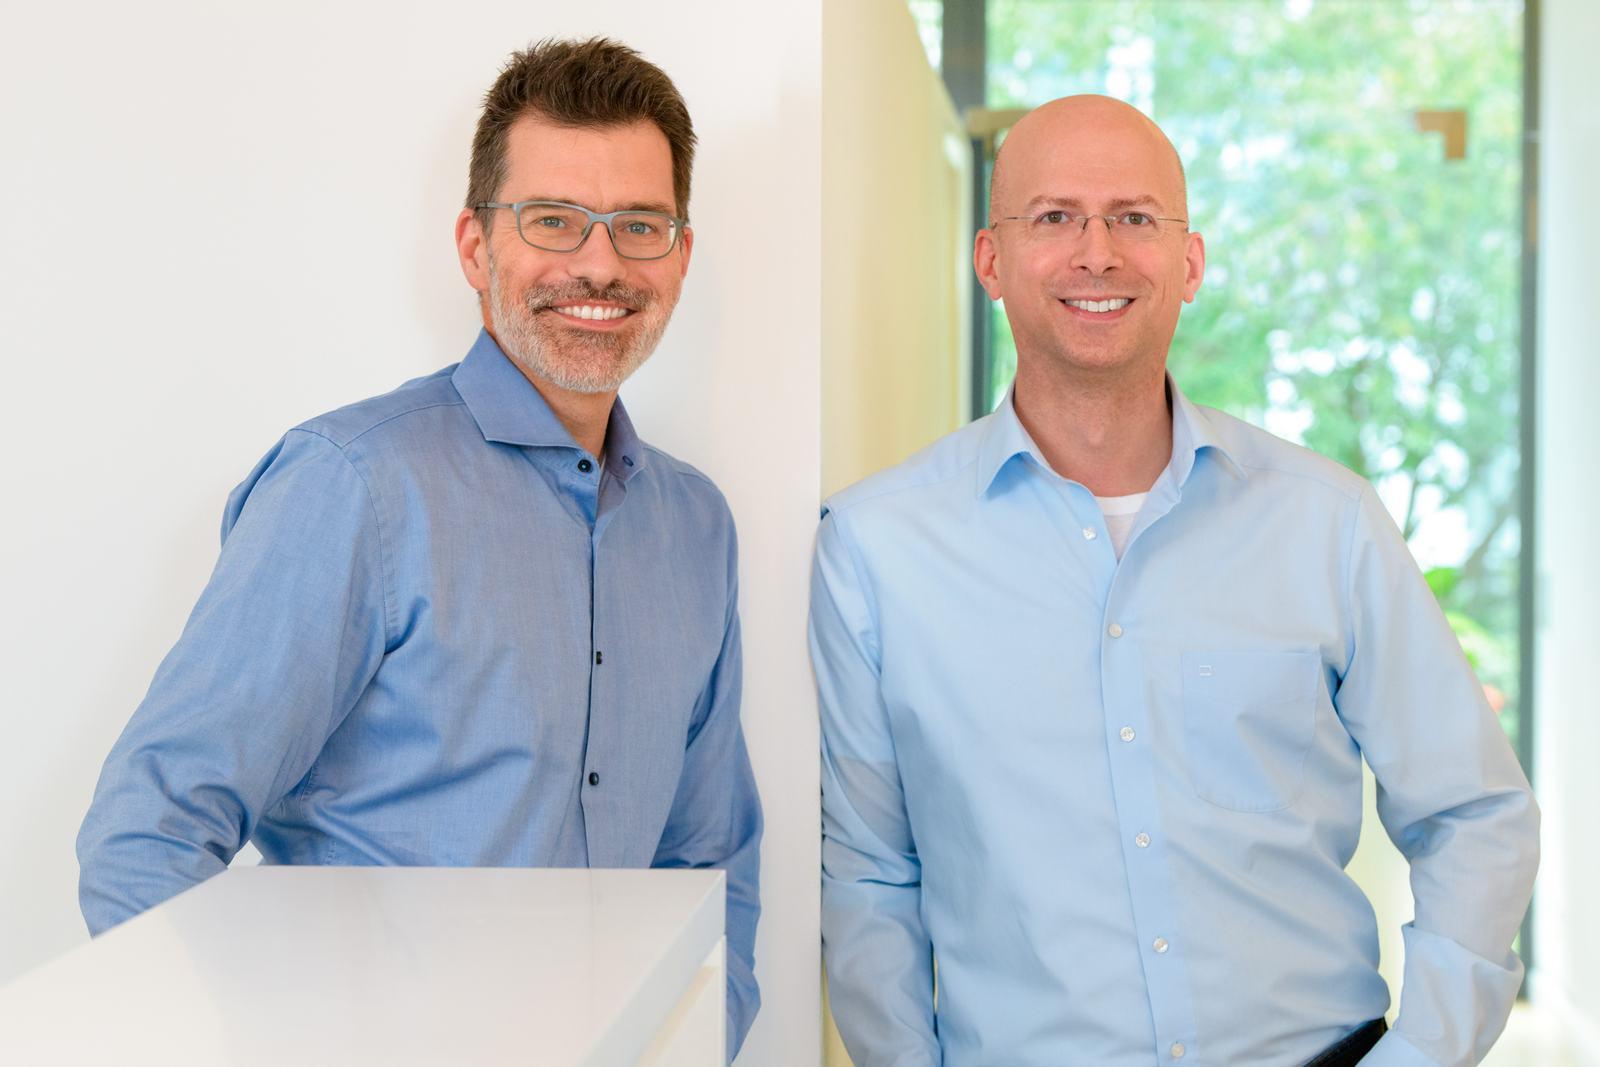 Foto. Dr. Richrath und Herr Wüst